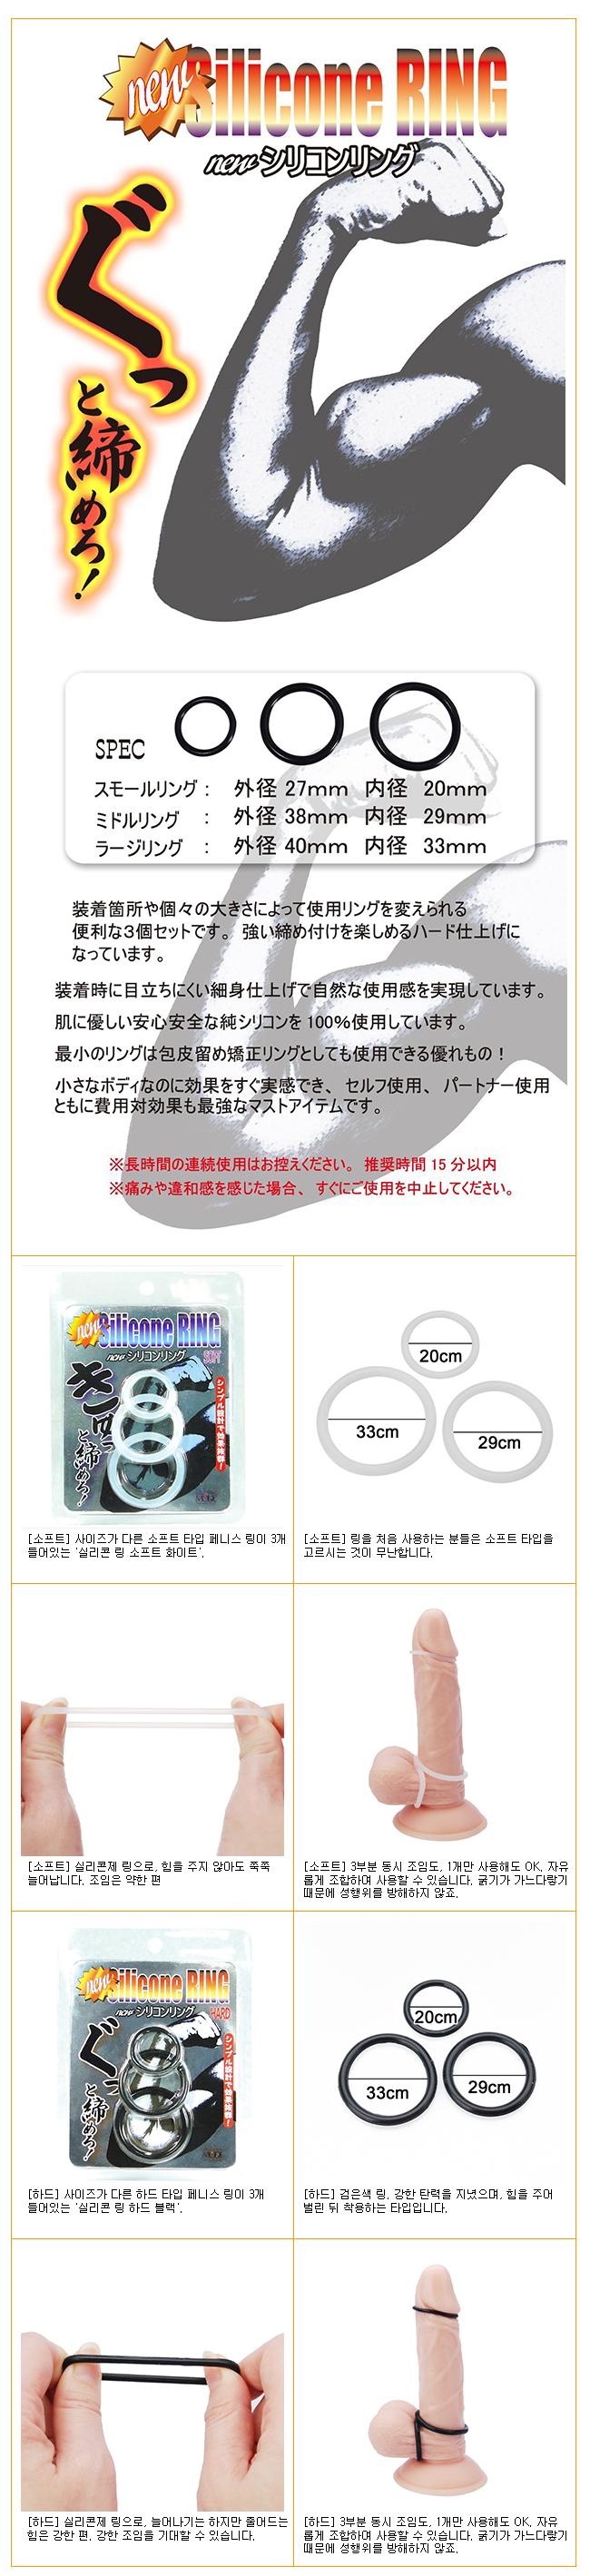 [일본 직수입] 실리콘 링 시리즈(シリコンリングシリーズ)